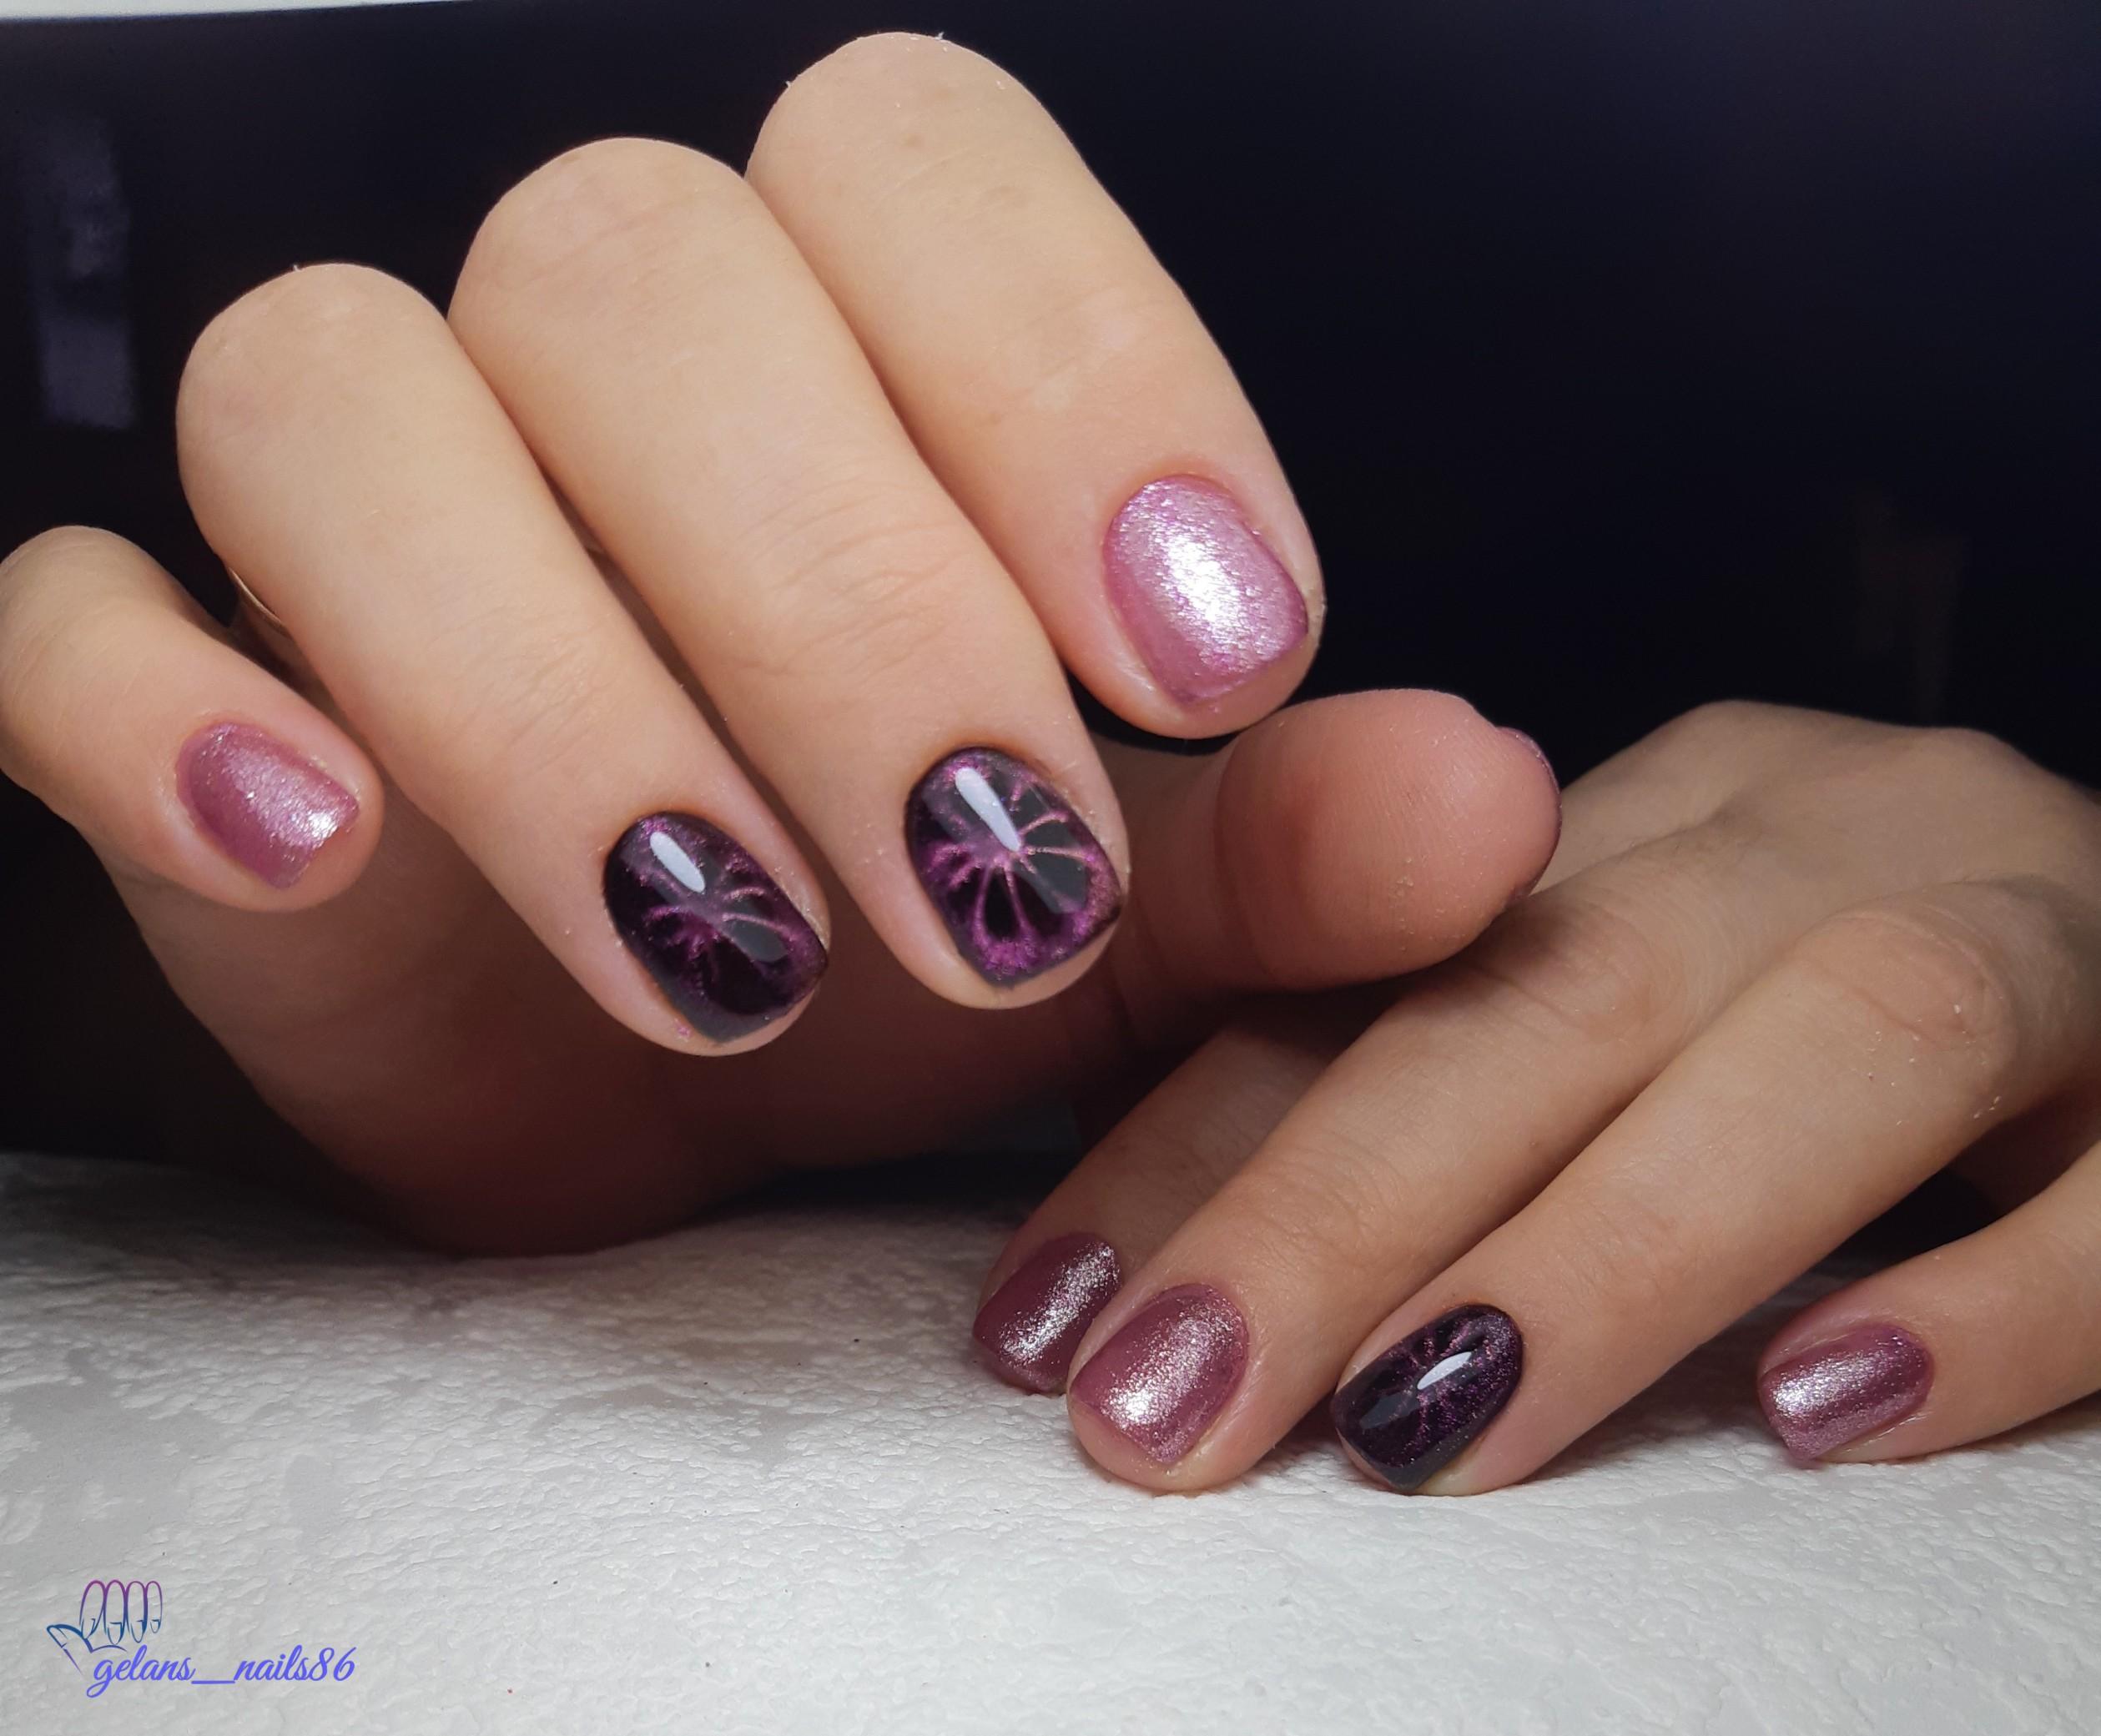 Блестящий маникюр в цвете розоое золото с фиолетовыми слайдерами.